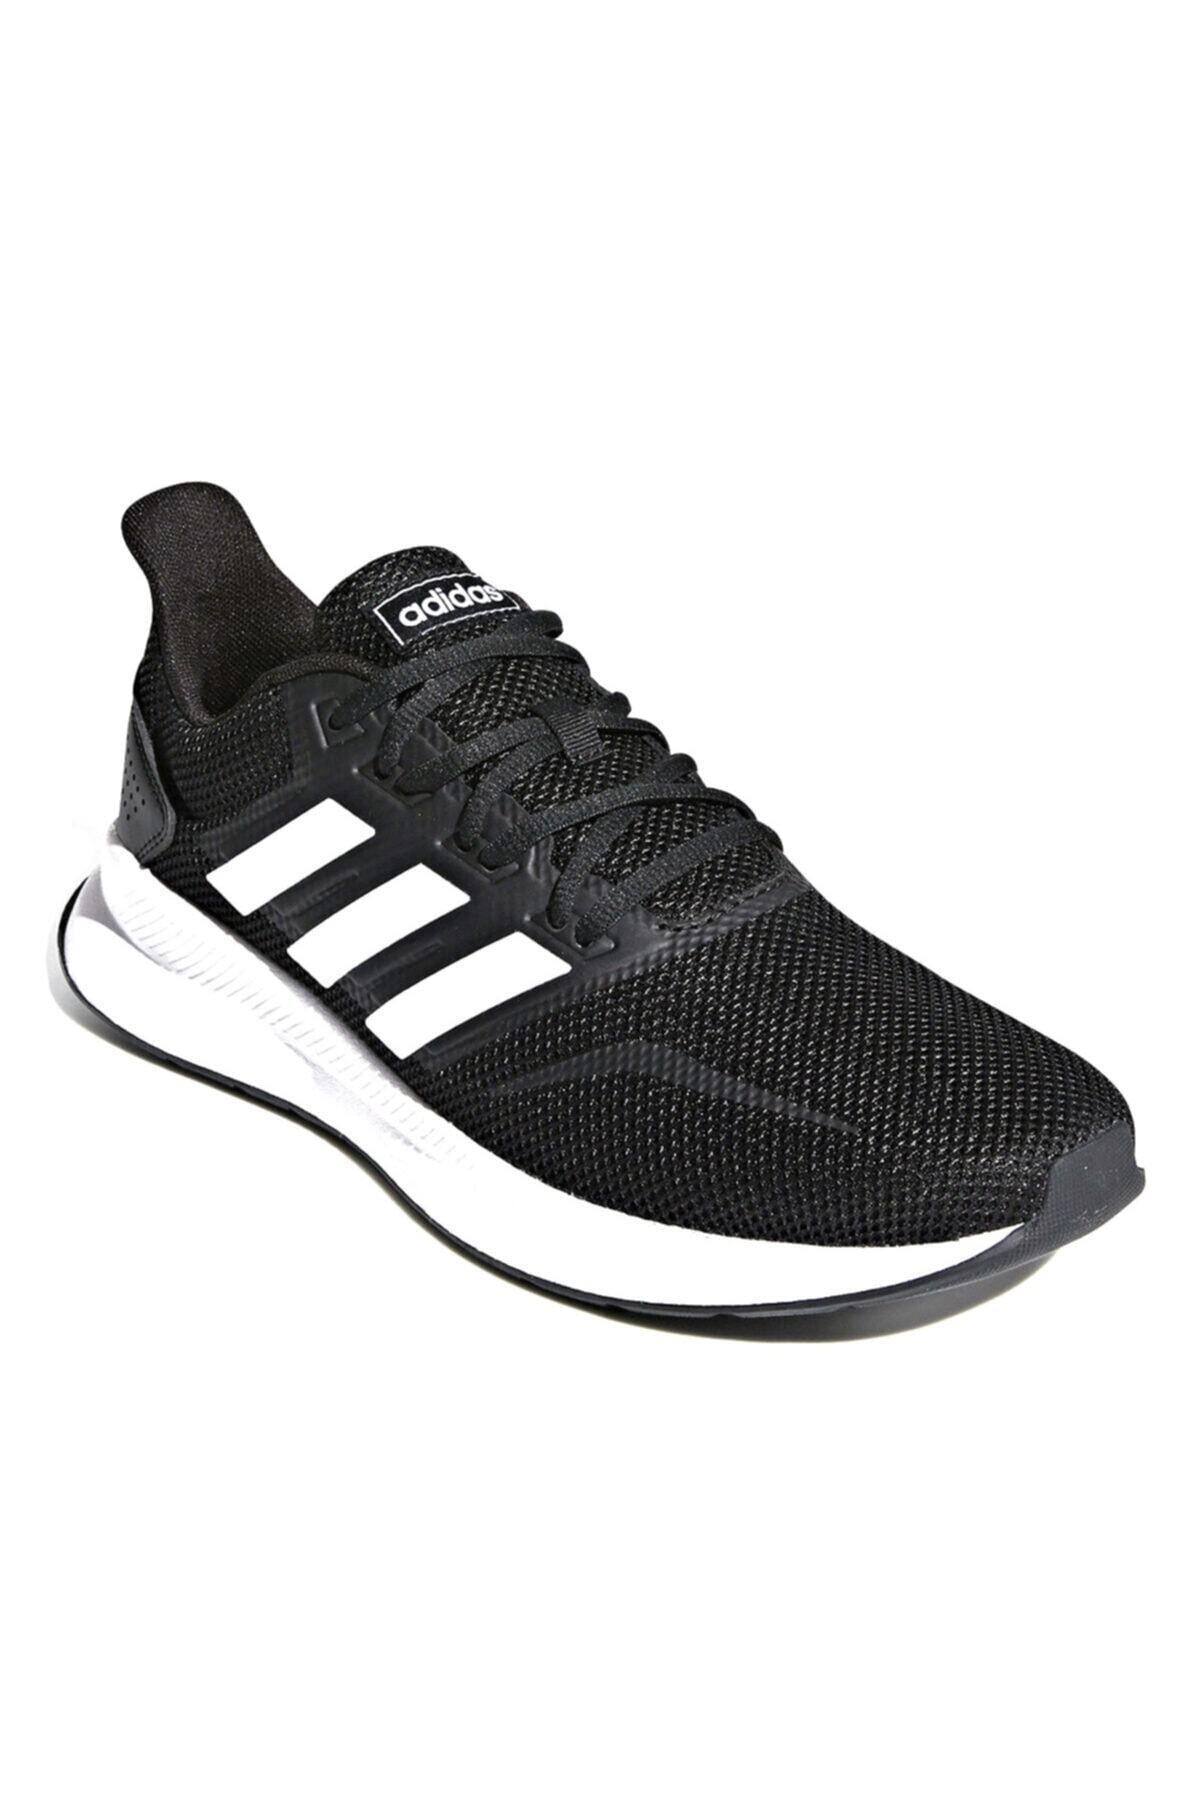 adidas RUNFALCON Siyah Erkek Koşu Ayakkabısı 100403379 2